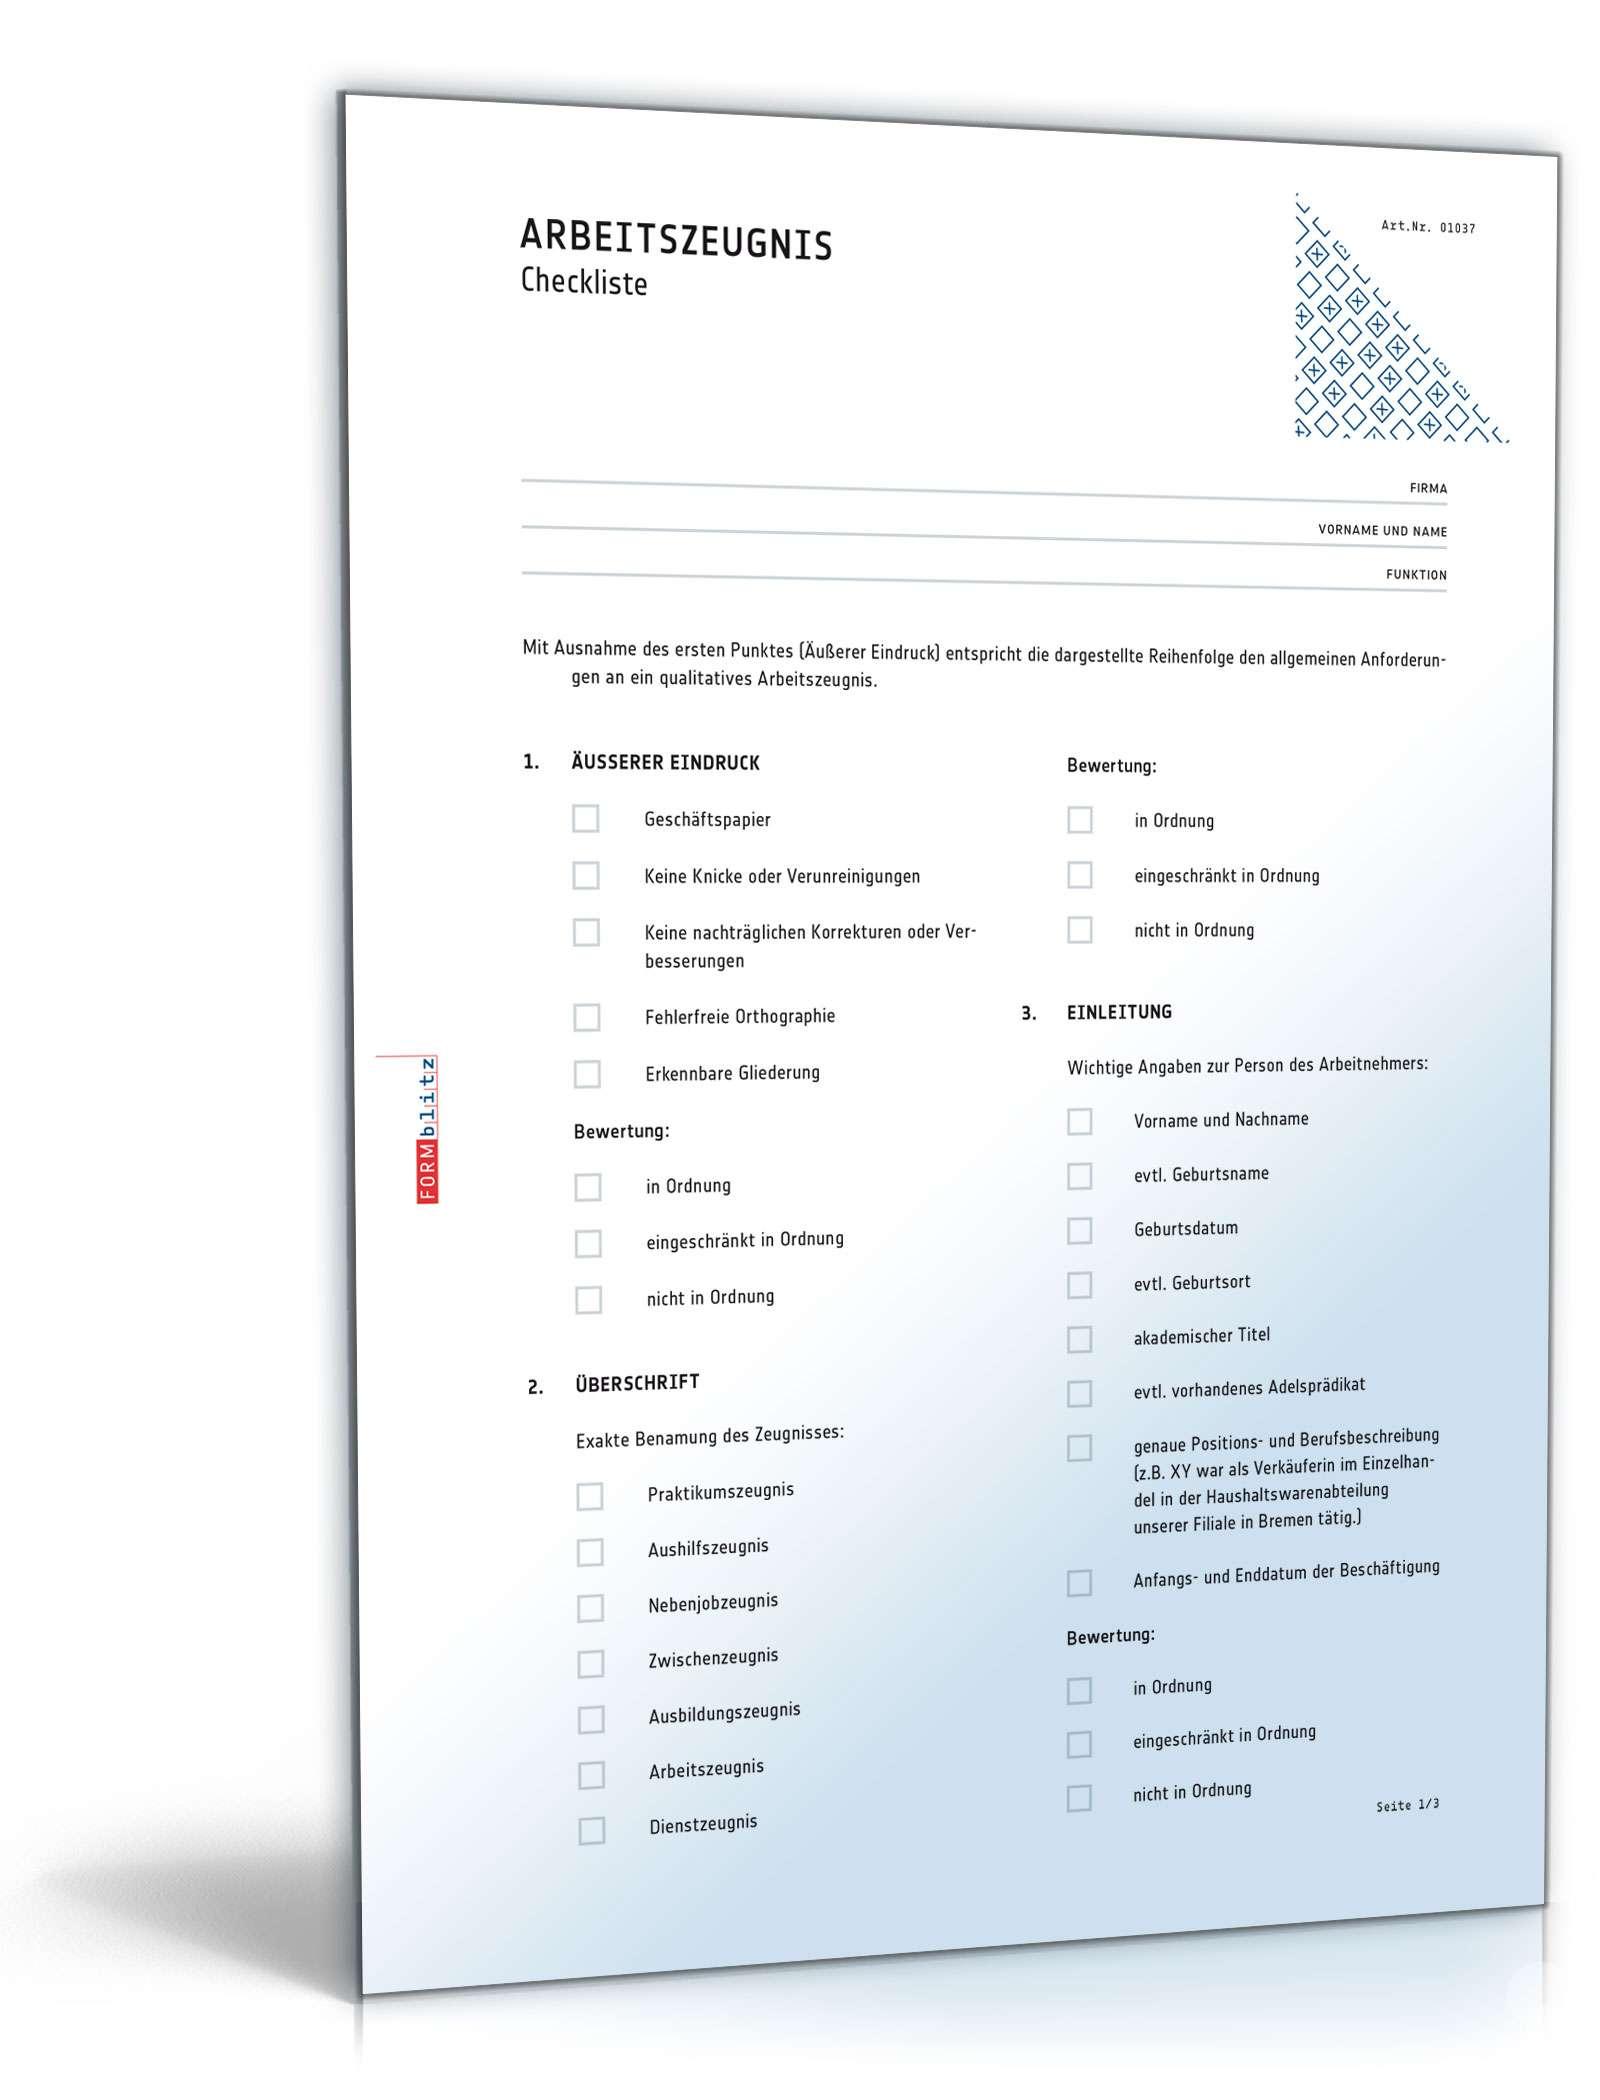 Checkliste Arbeitszeugnis Dokument zum Download